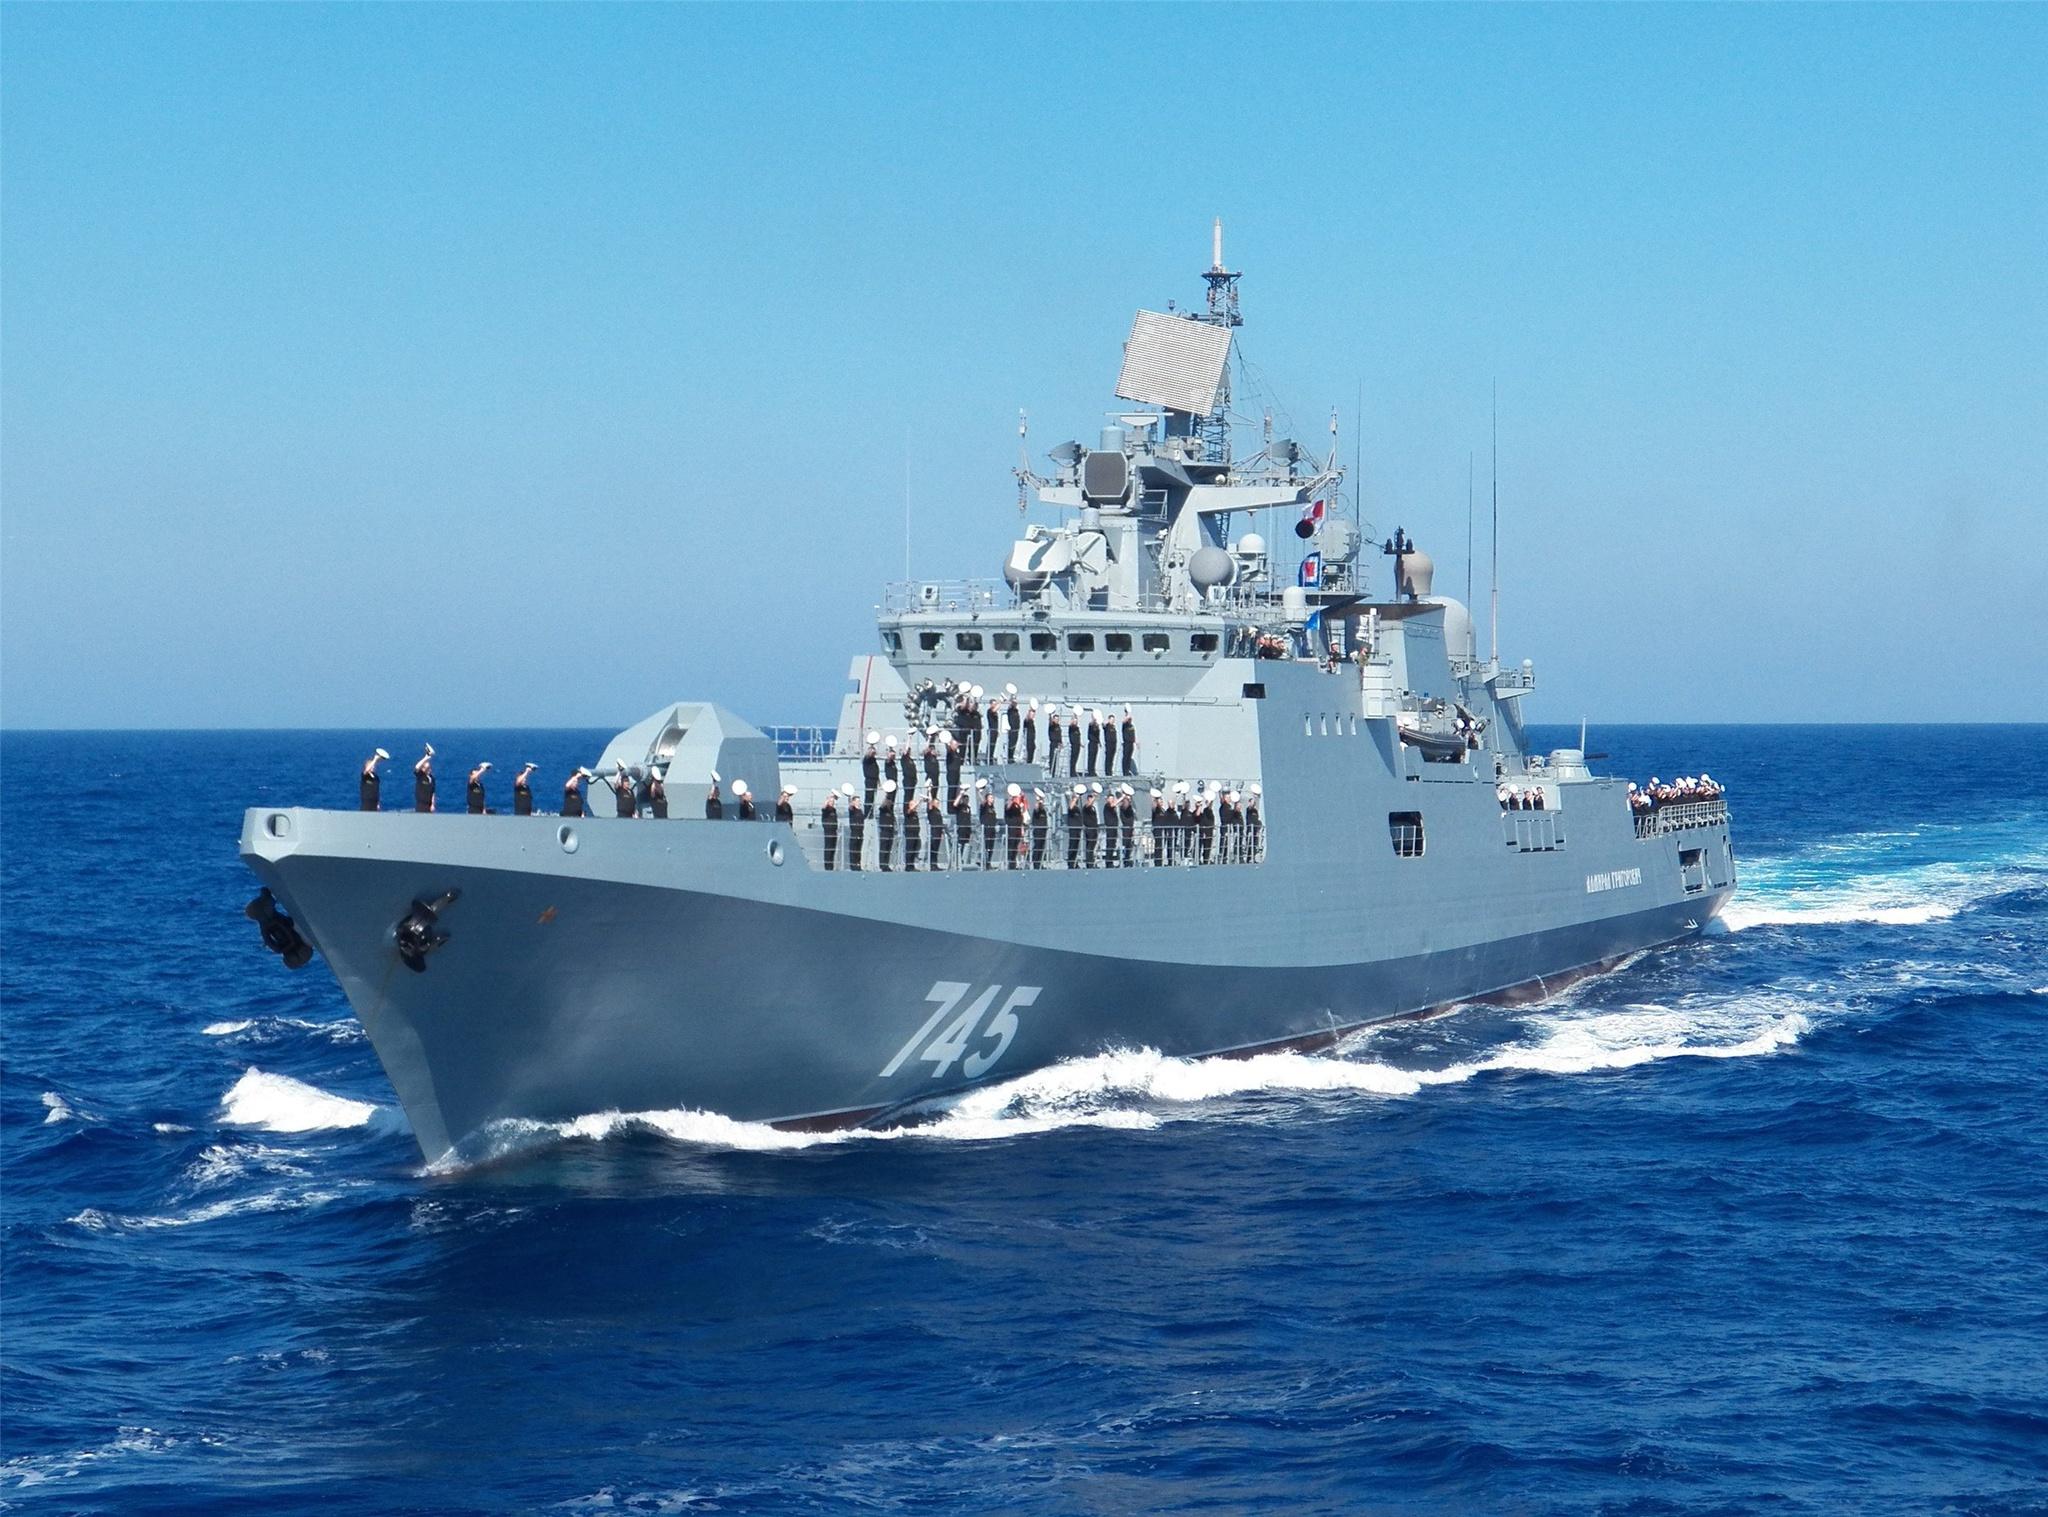 Размер новые кораблидля вмф россии июль 2016 термобелье успешно